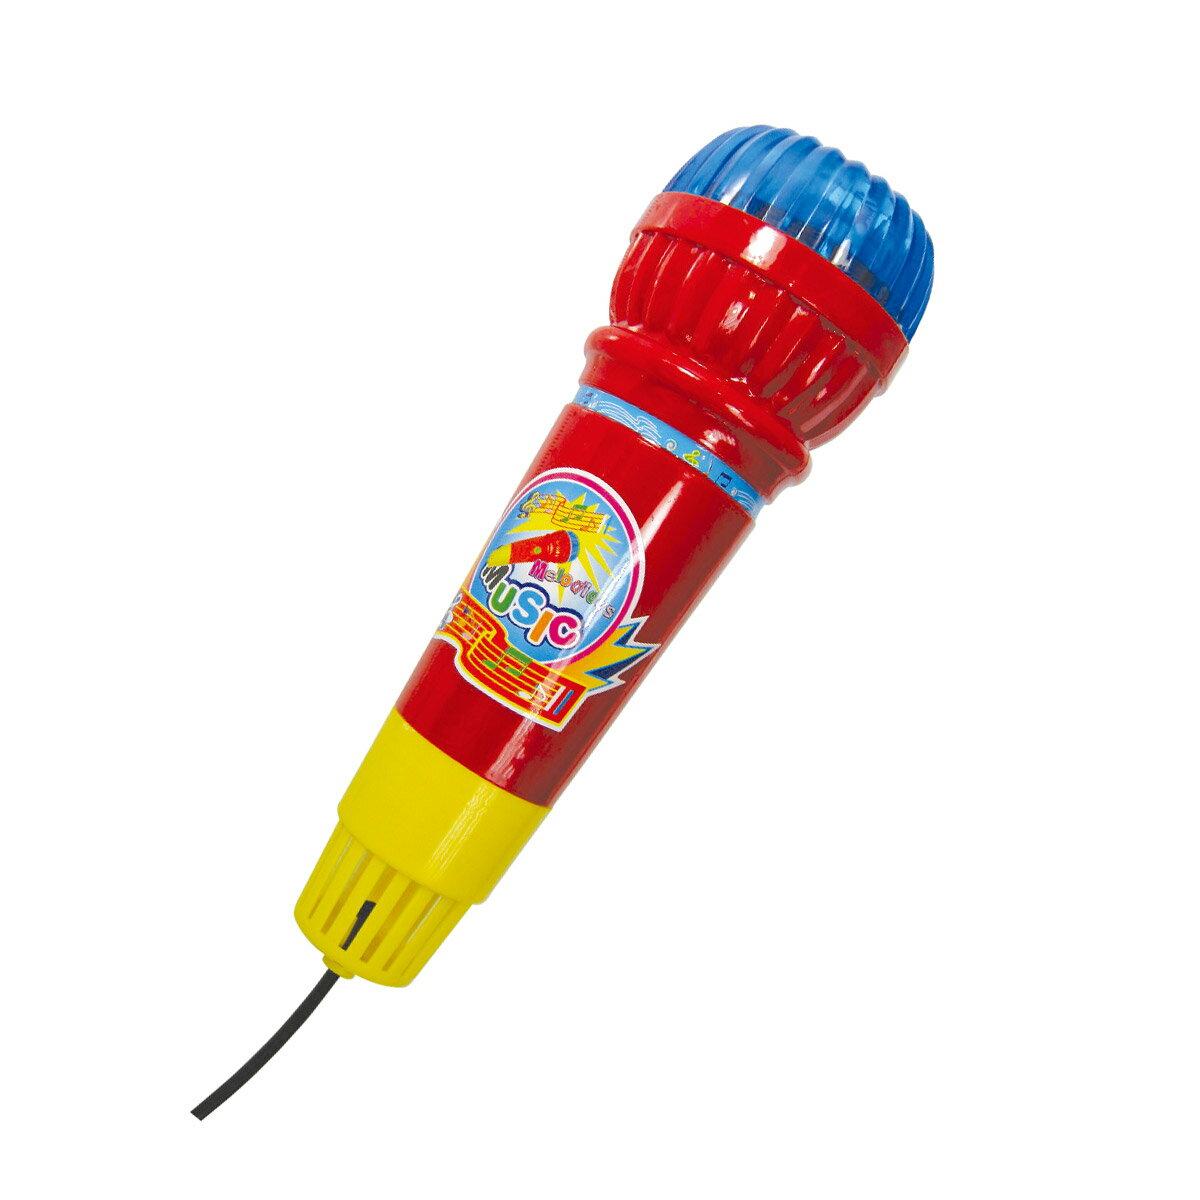 20日限定クーポン配布中エコーマイクおもちゃカラオケ子供キッズ幼児幼稚園保育園子供会楽器音楽景品男の